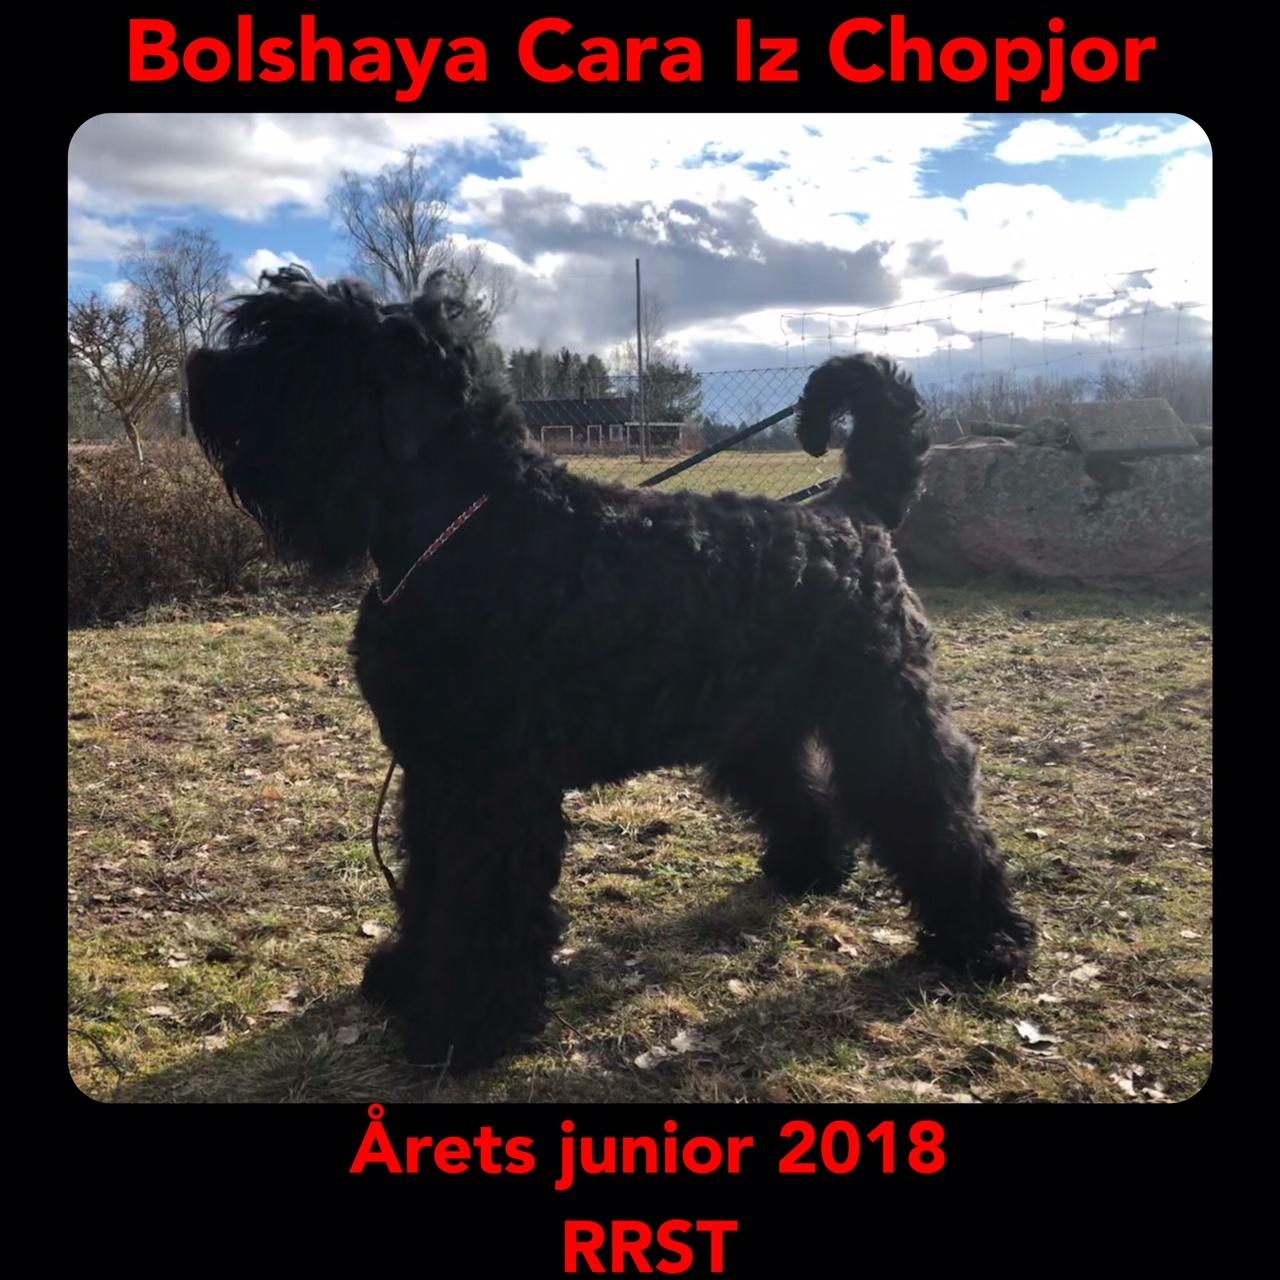 Arets Junior 2018